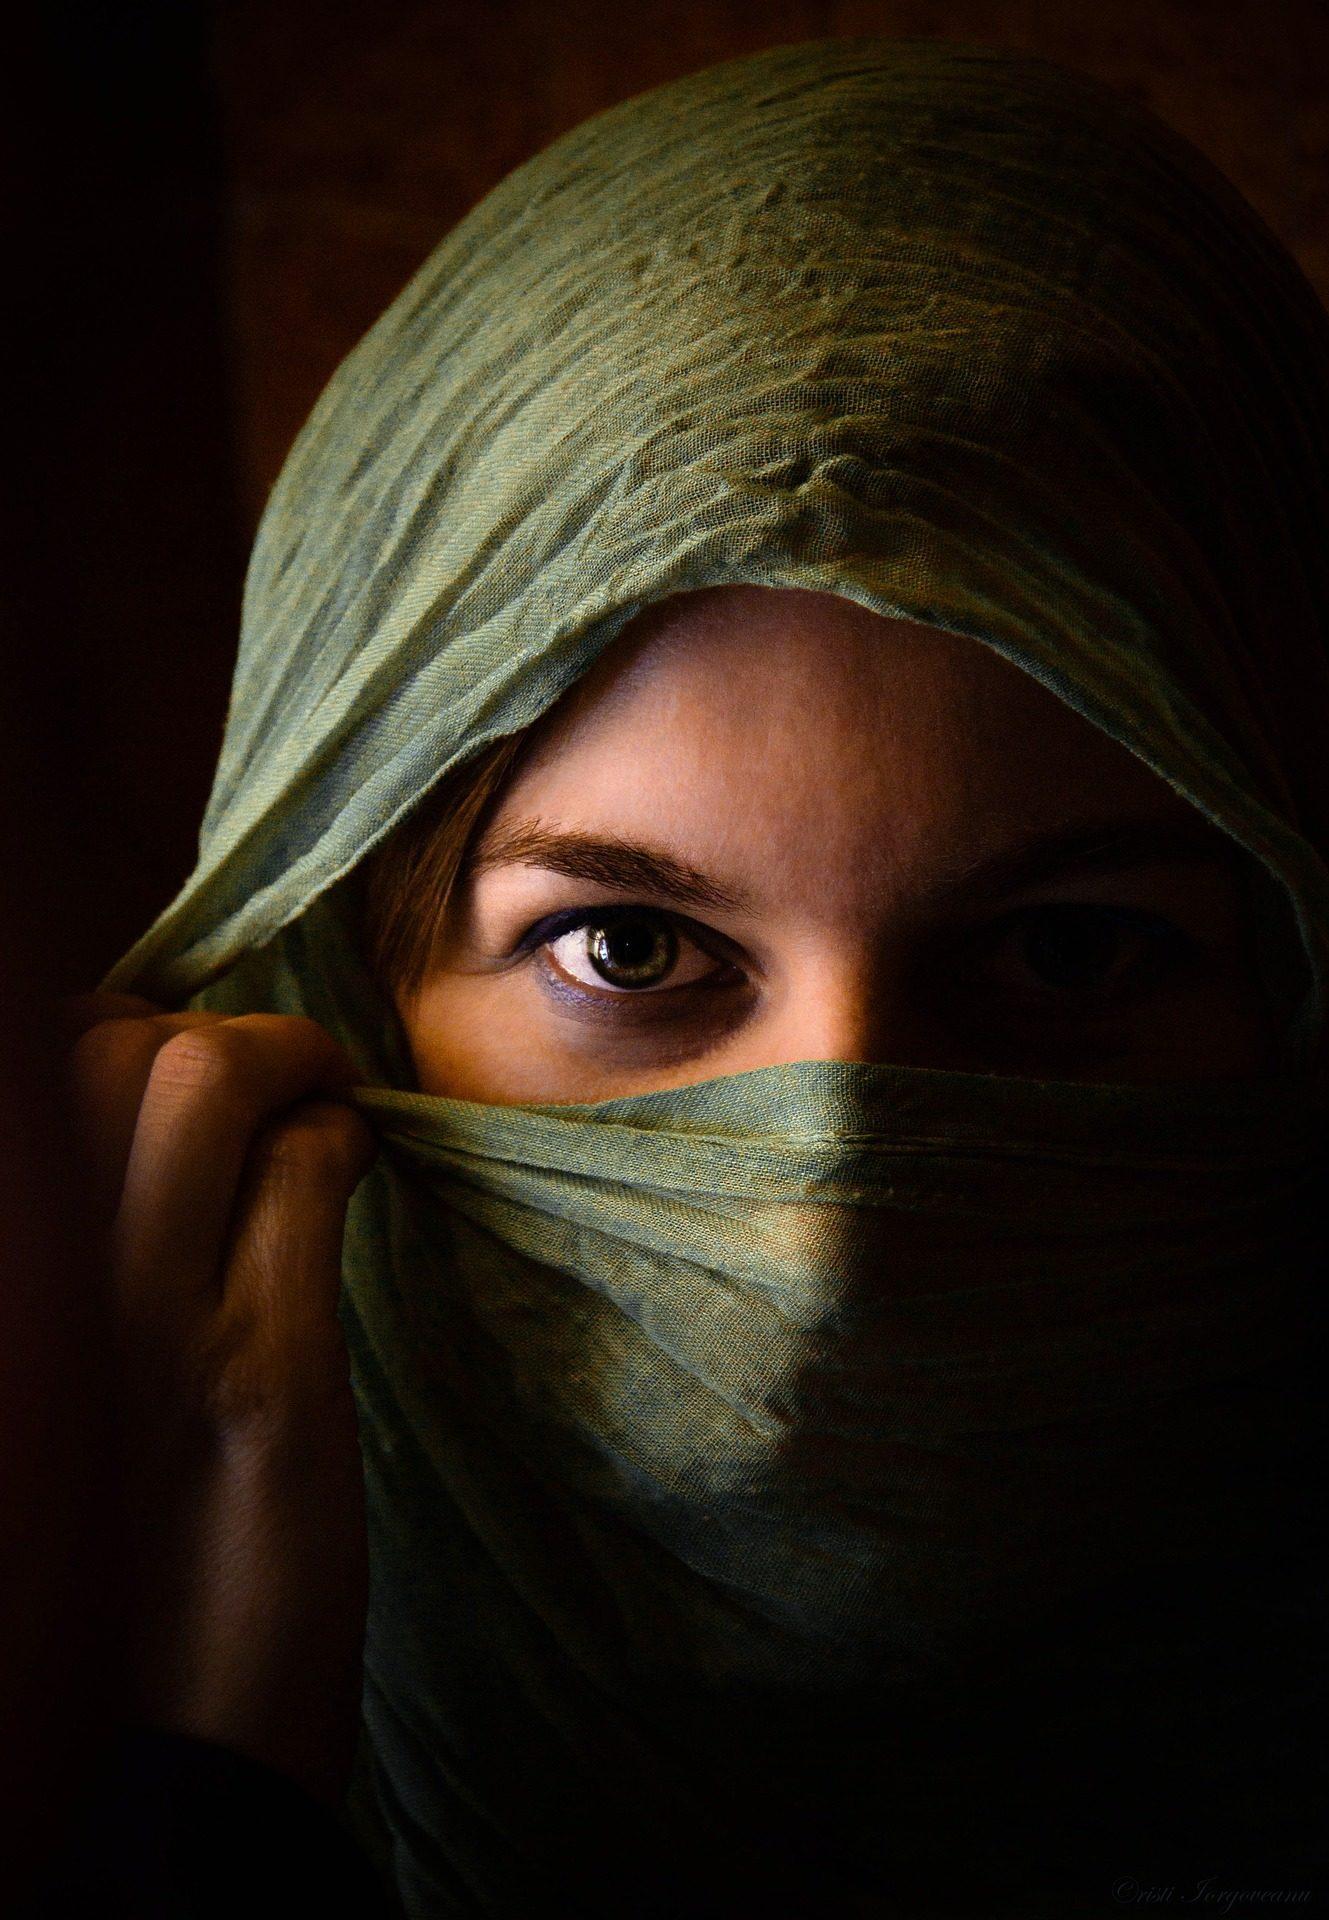 mujer, ojos, velo, fular, mirada - Fondos de Pantalla HD - professor-falken.com